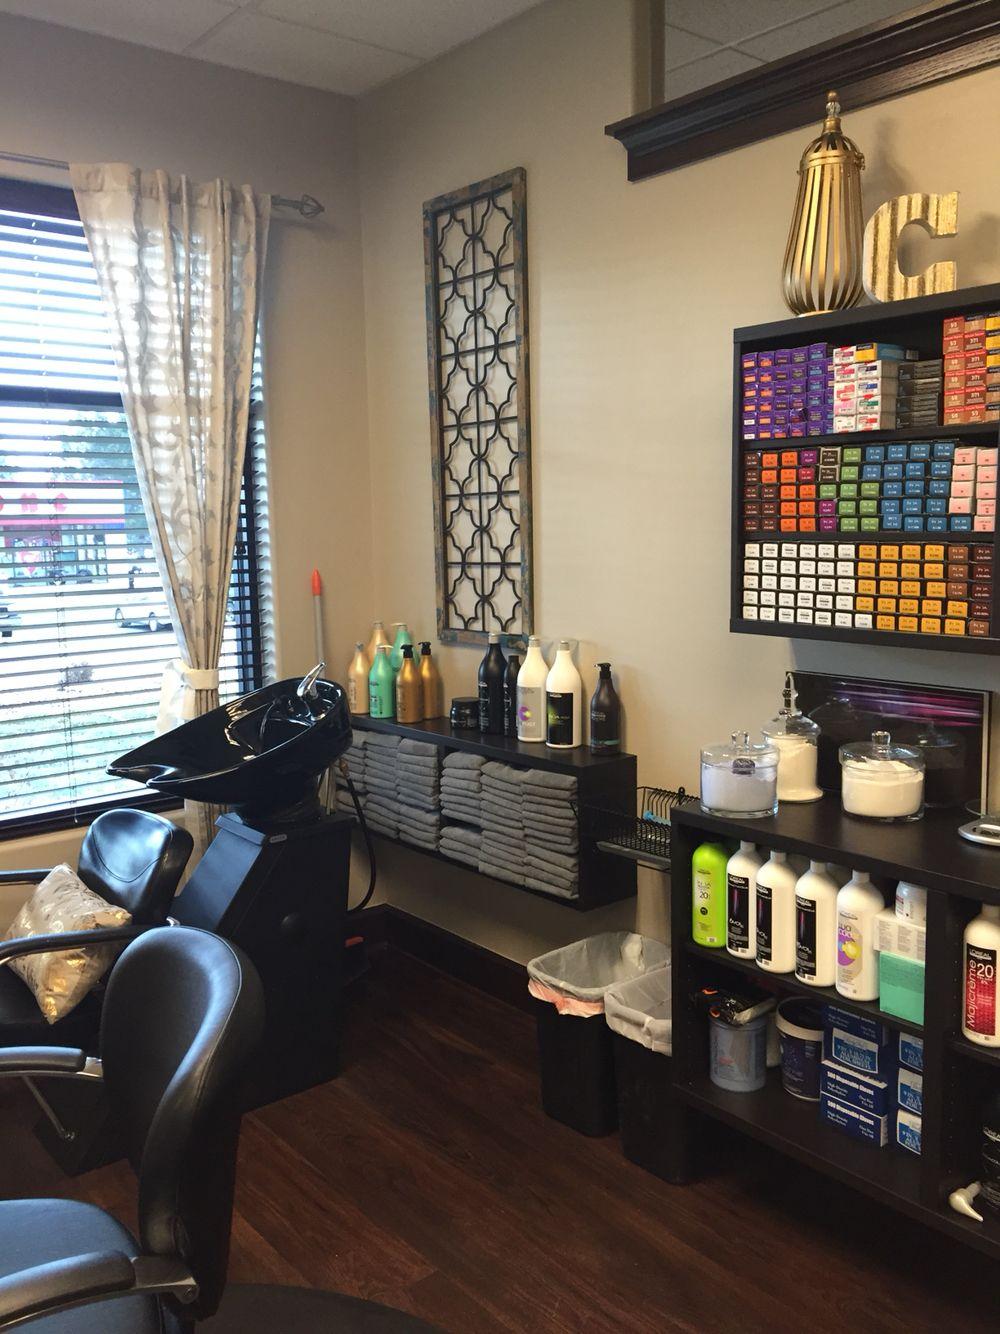 Salon suite ikea besta salon decor organization for Arredamento parrucchieri ikea